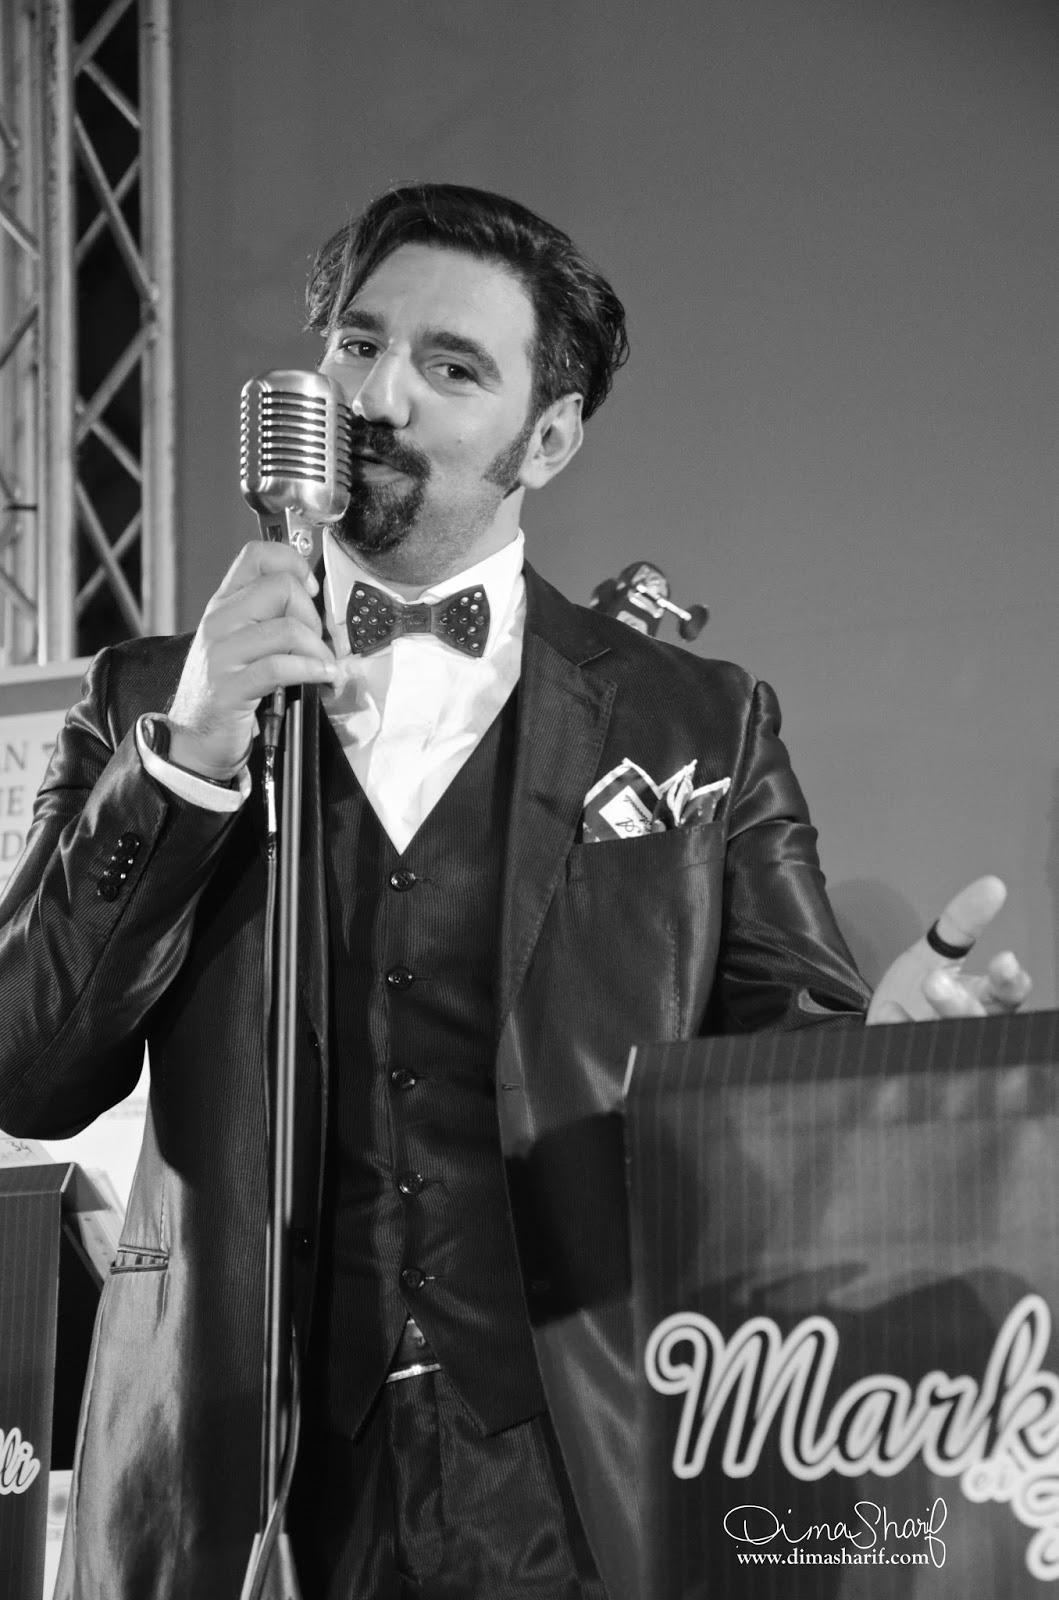 Dima sharif: october 2015